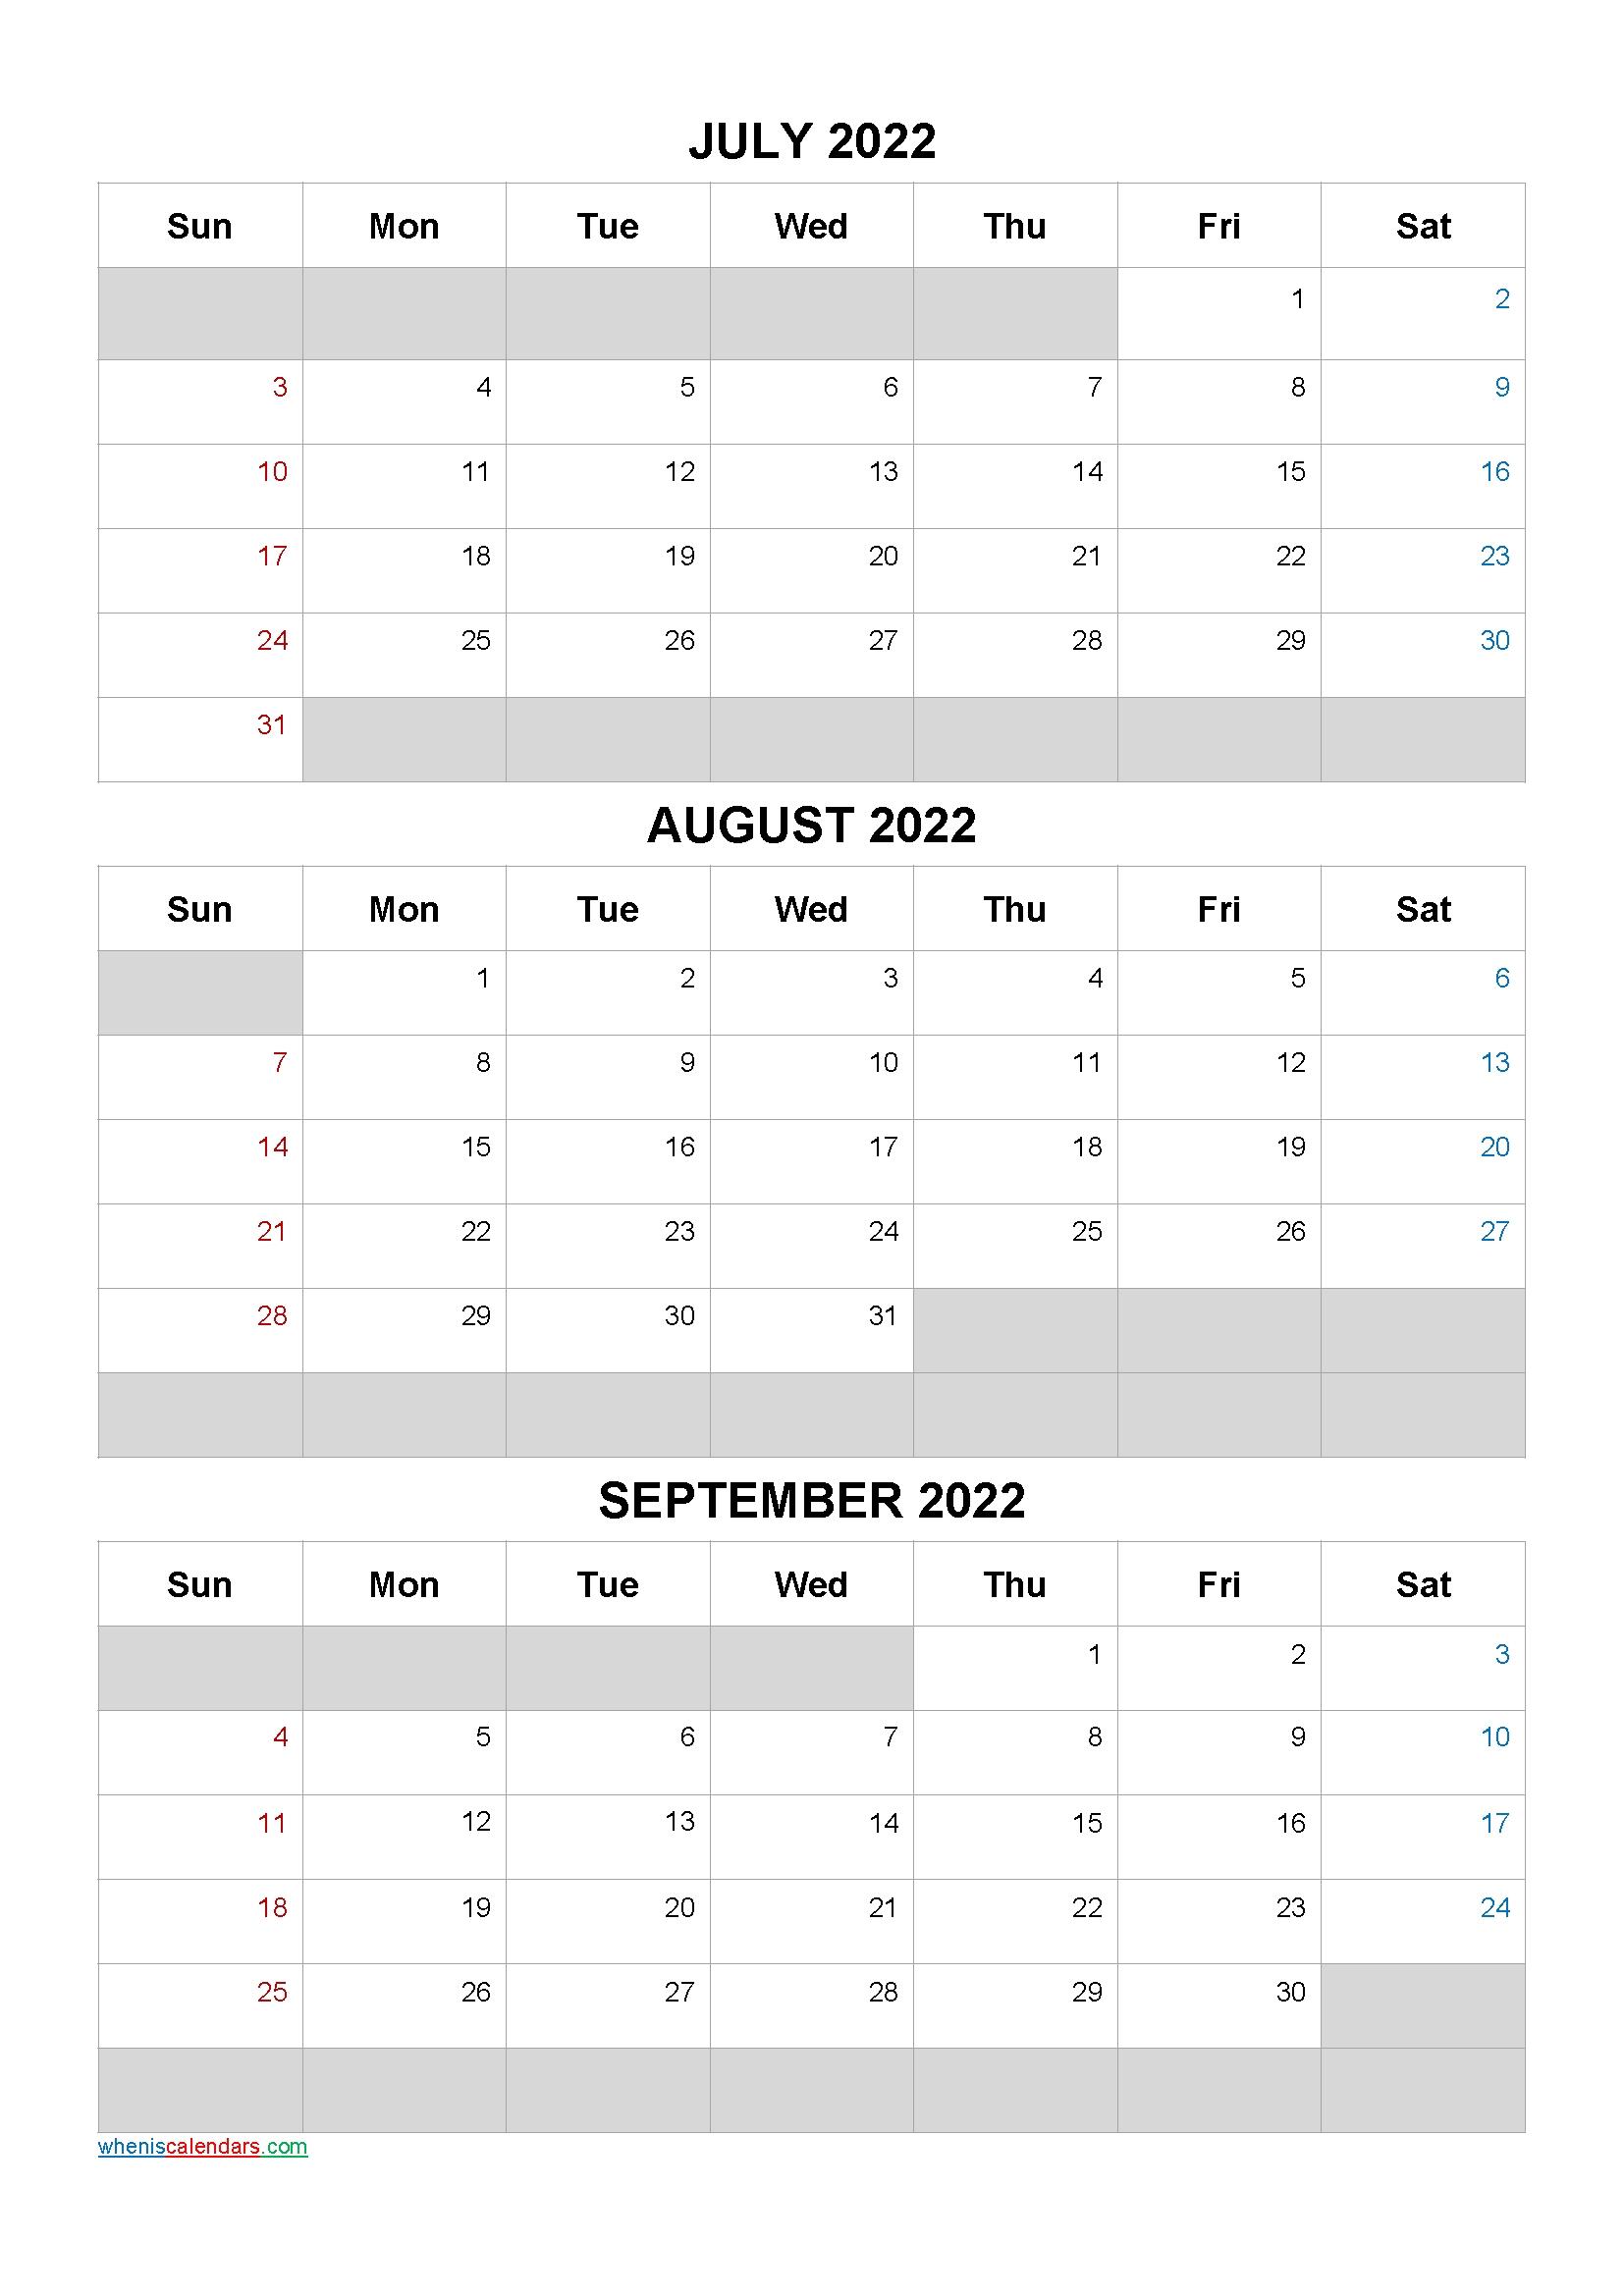 July August September 2022 Calendar Template [Q1-Q2-Q3-Q4 Q4 Calendar 2021